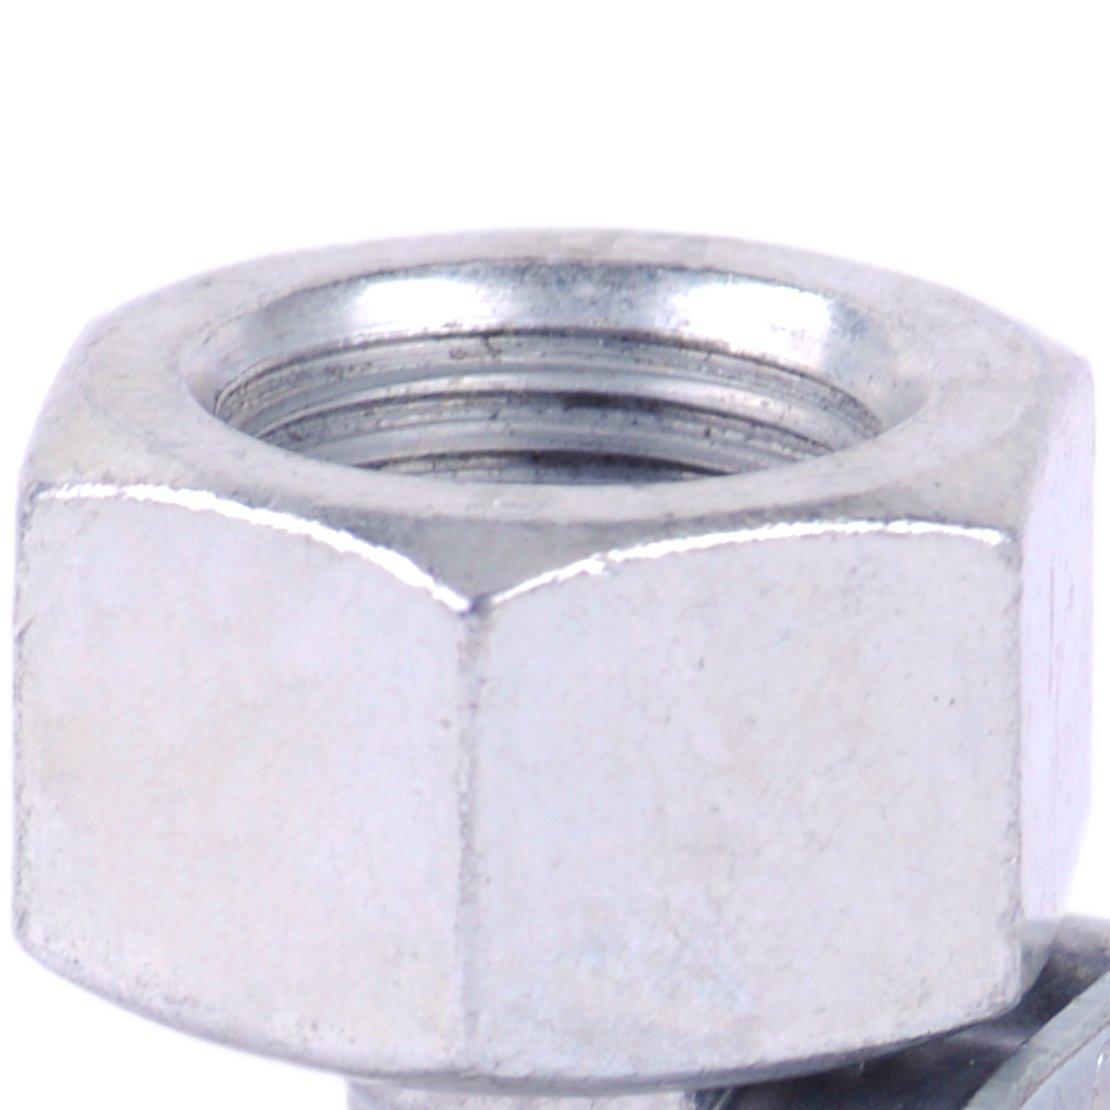 chengyida von 15/Pack Gear Rack 0,5/Modulus Kunststoff Rack zahnstangeneinheit Drive Rod Zahnstange Kunststoff Rod DIY Teile